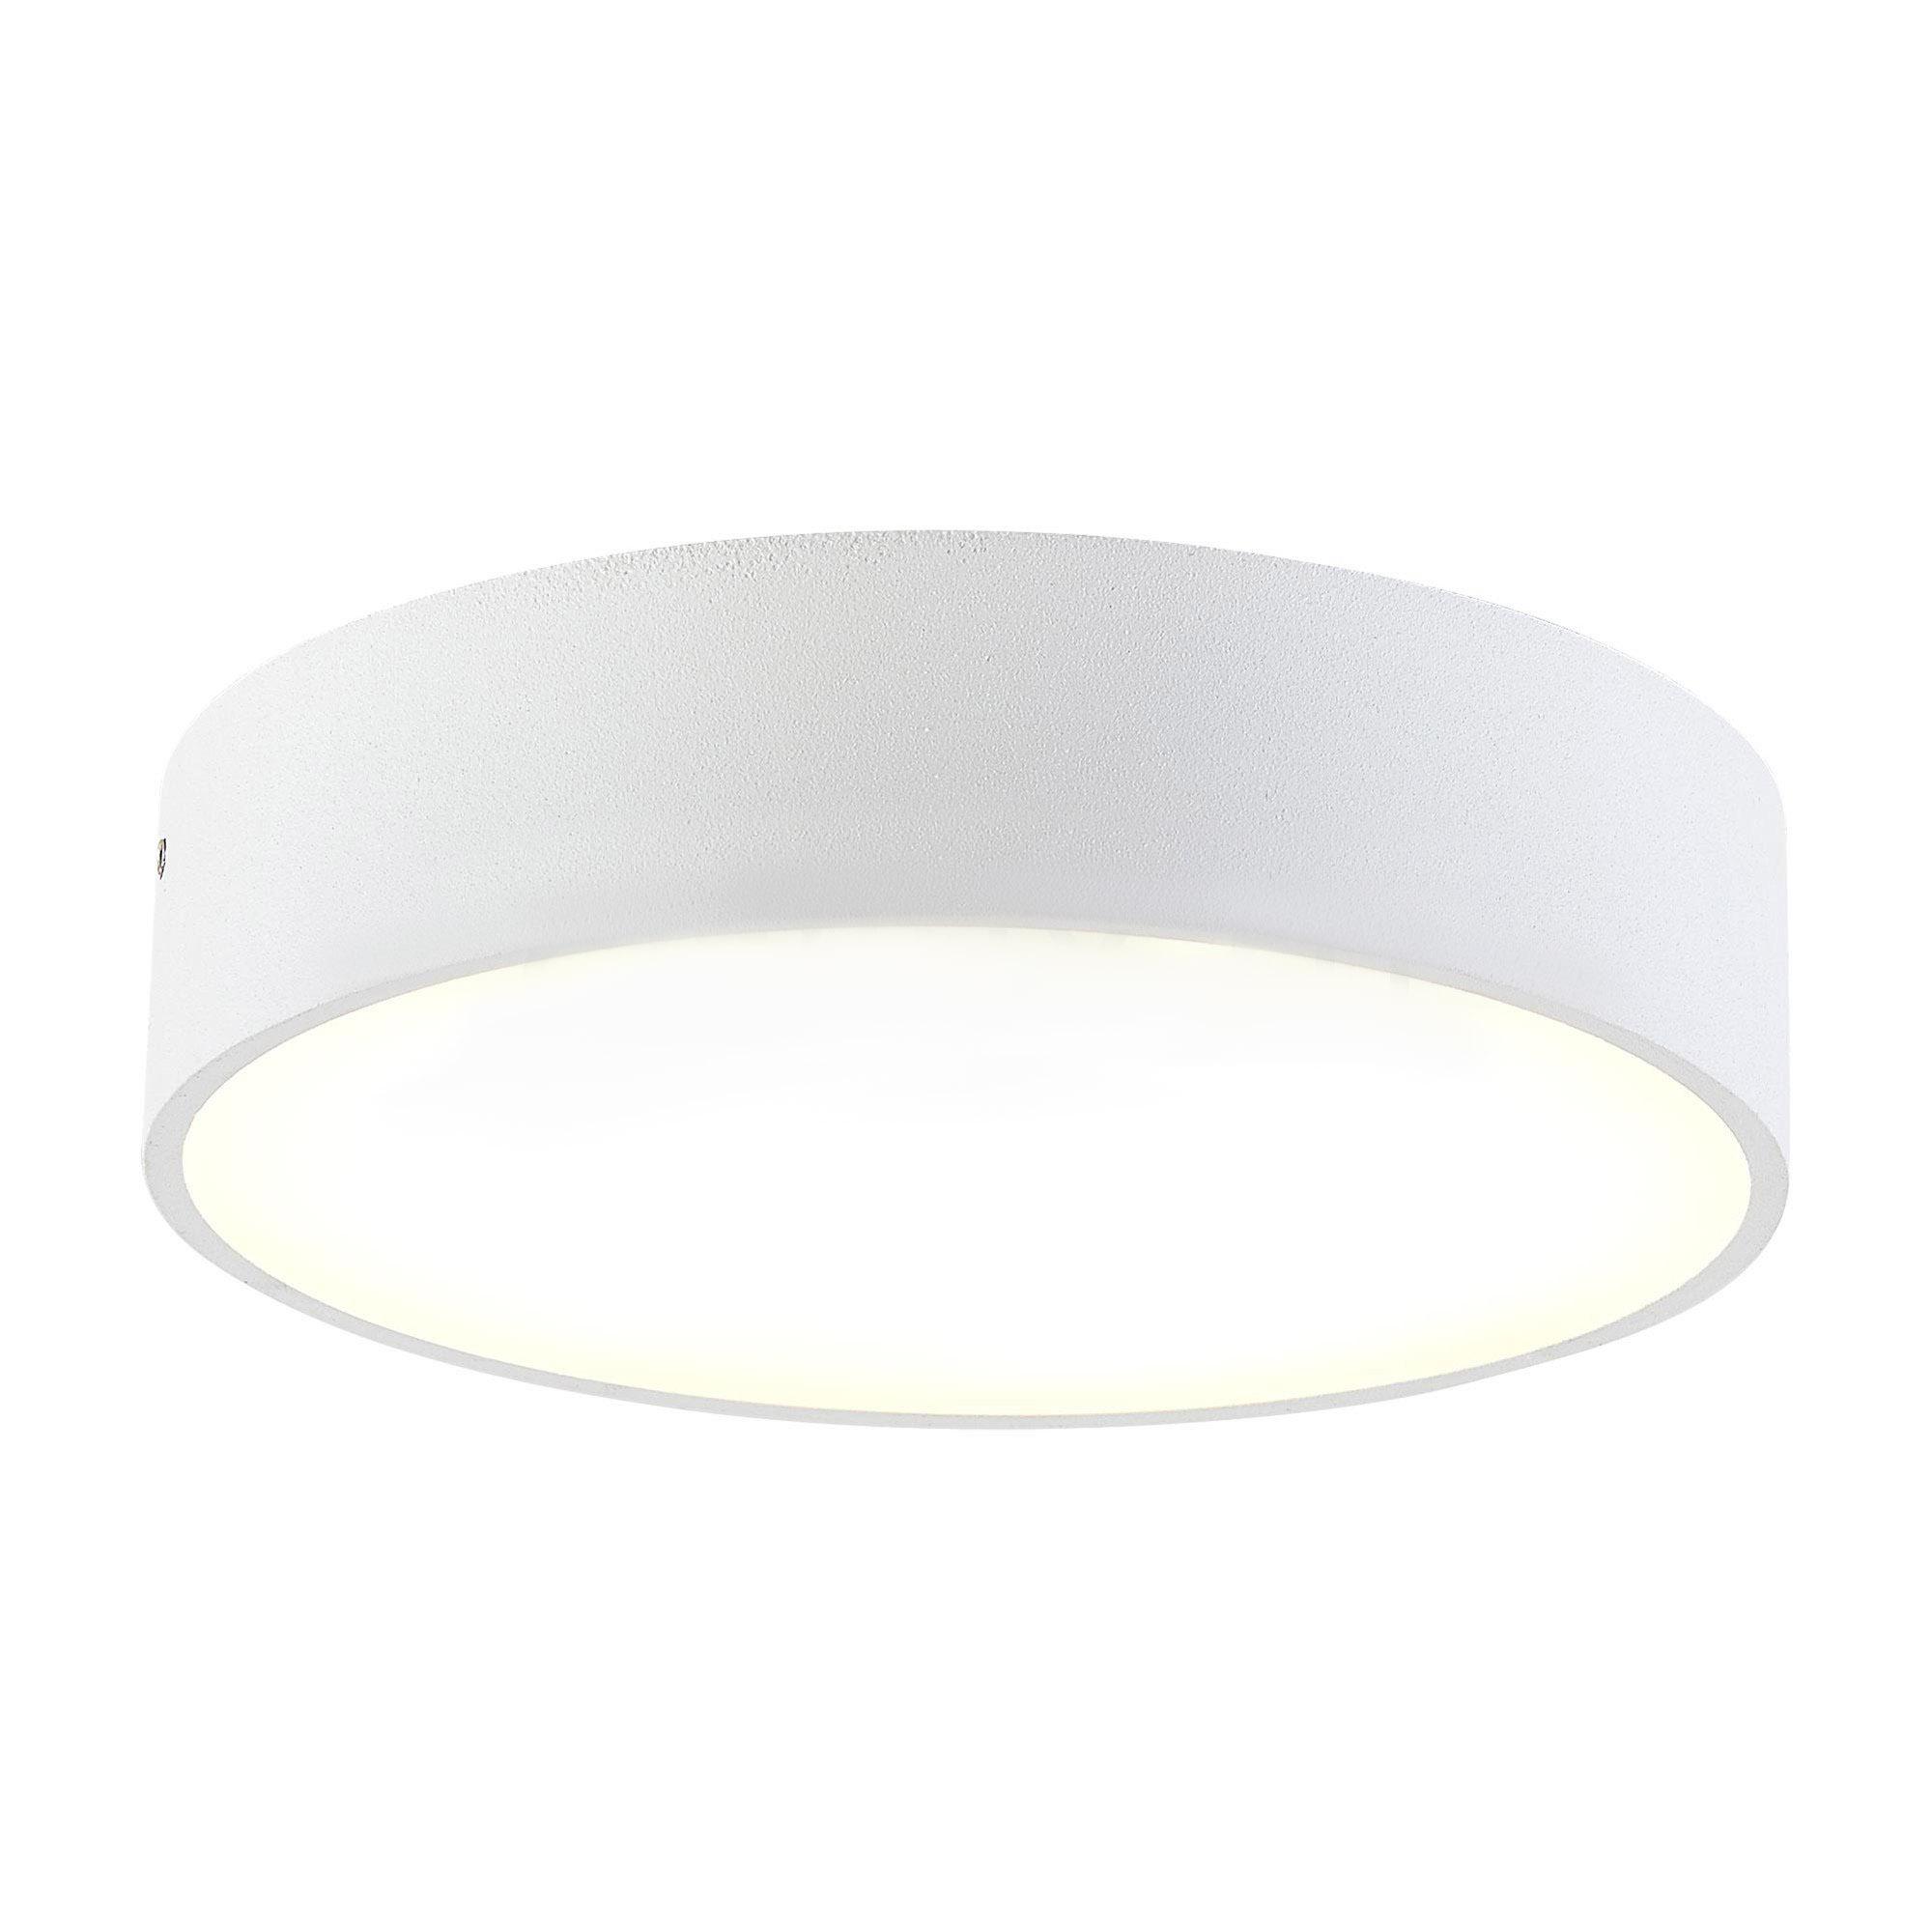 Светильник накладной светодиодный Citilux Тао белый CL712R180 светодиодный светильник citilux cl917000 25 5 х 25 5 см